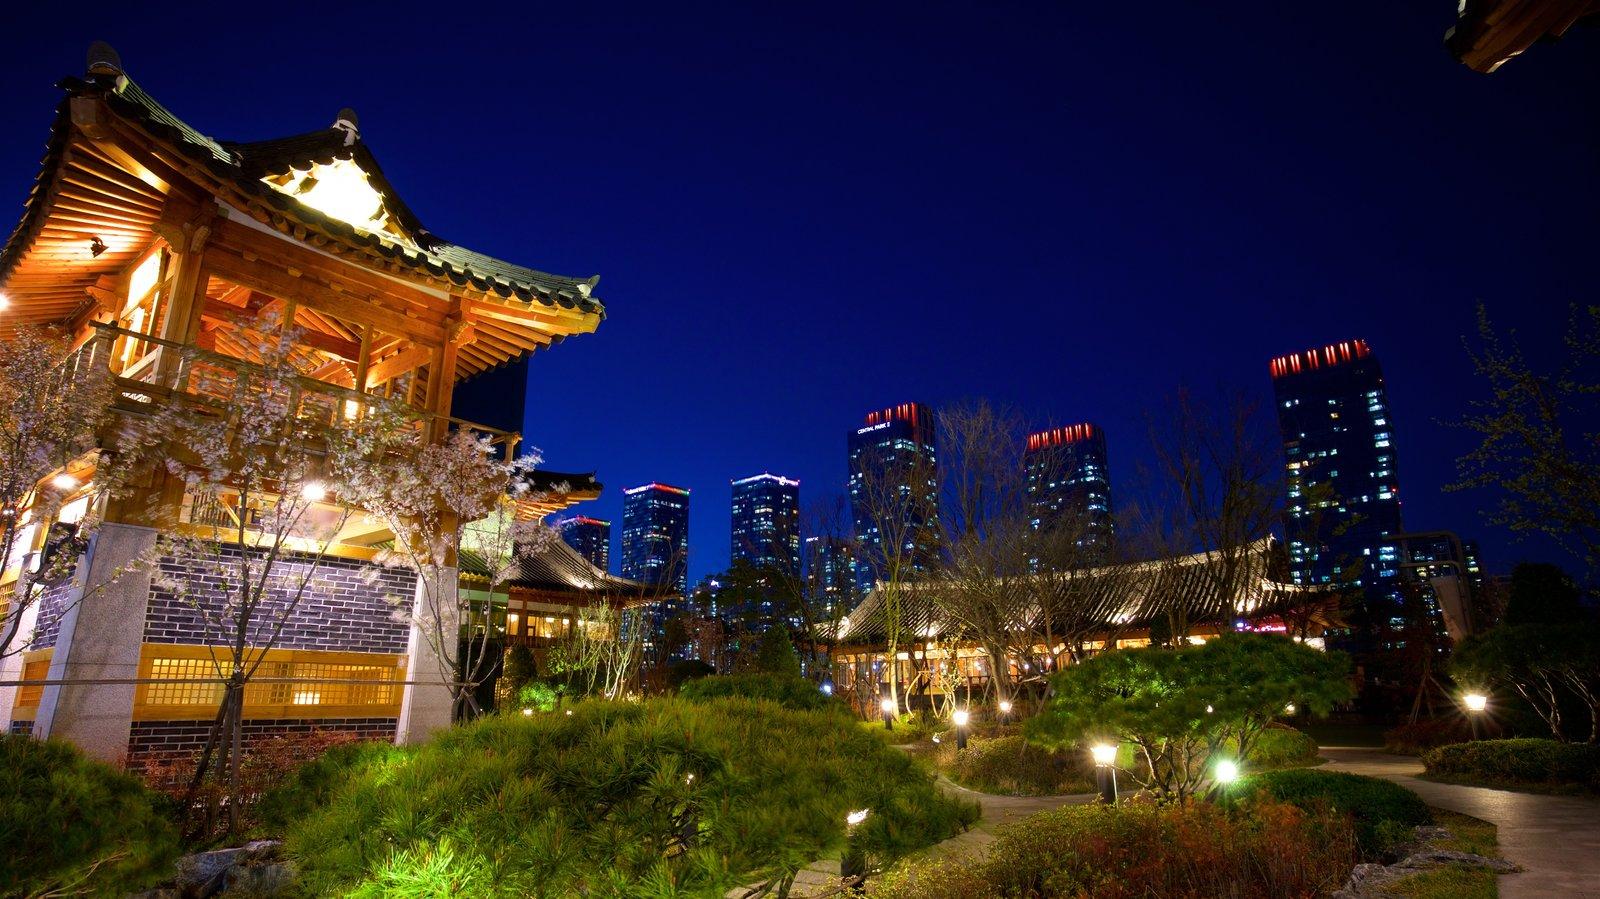 Incheon mostrando um edifício, elementos de patrimônio e cenas noturnas